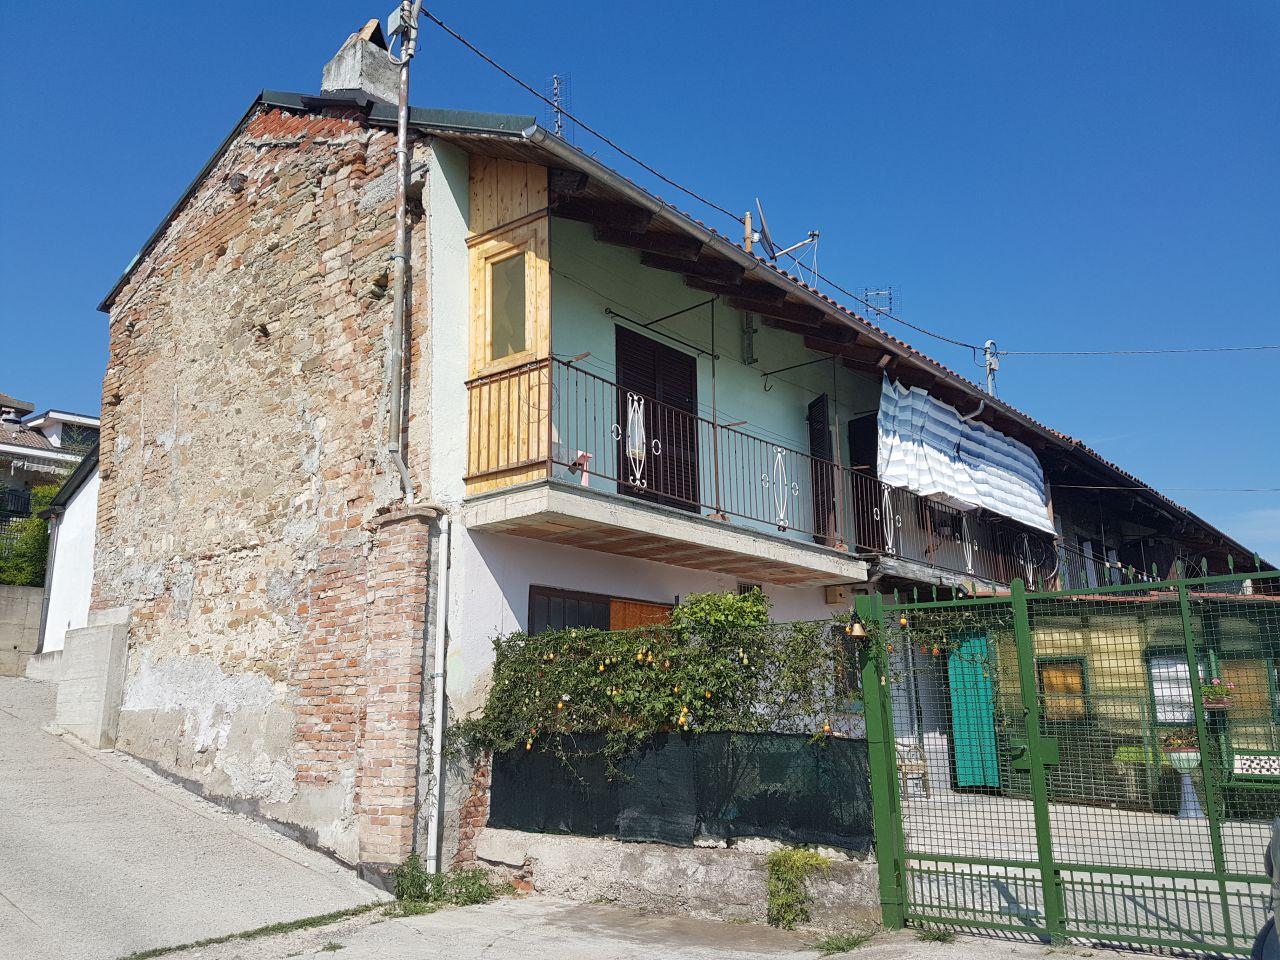 Soluzione Indipendente in vendita a Lauriano, 7 locali, prezzo € 110.000 | CambioCasa.it